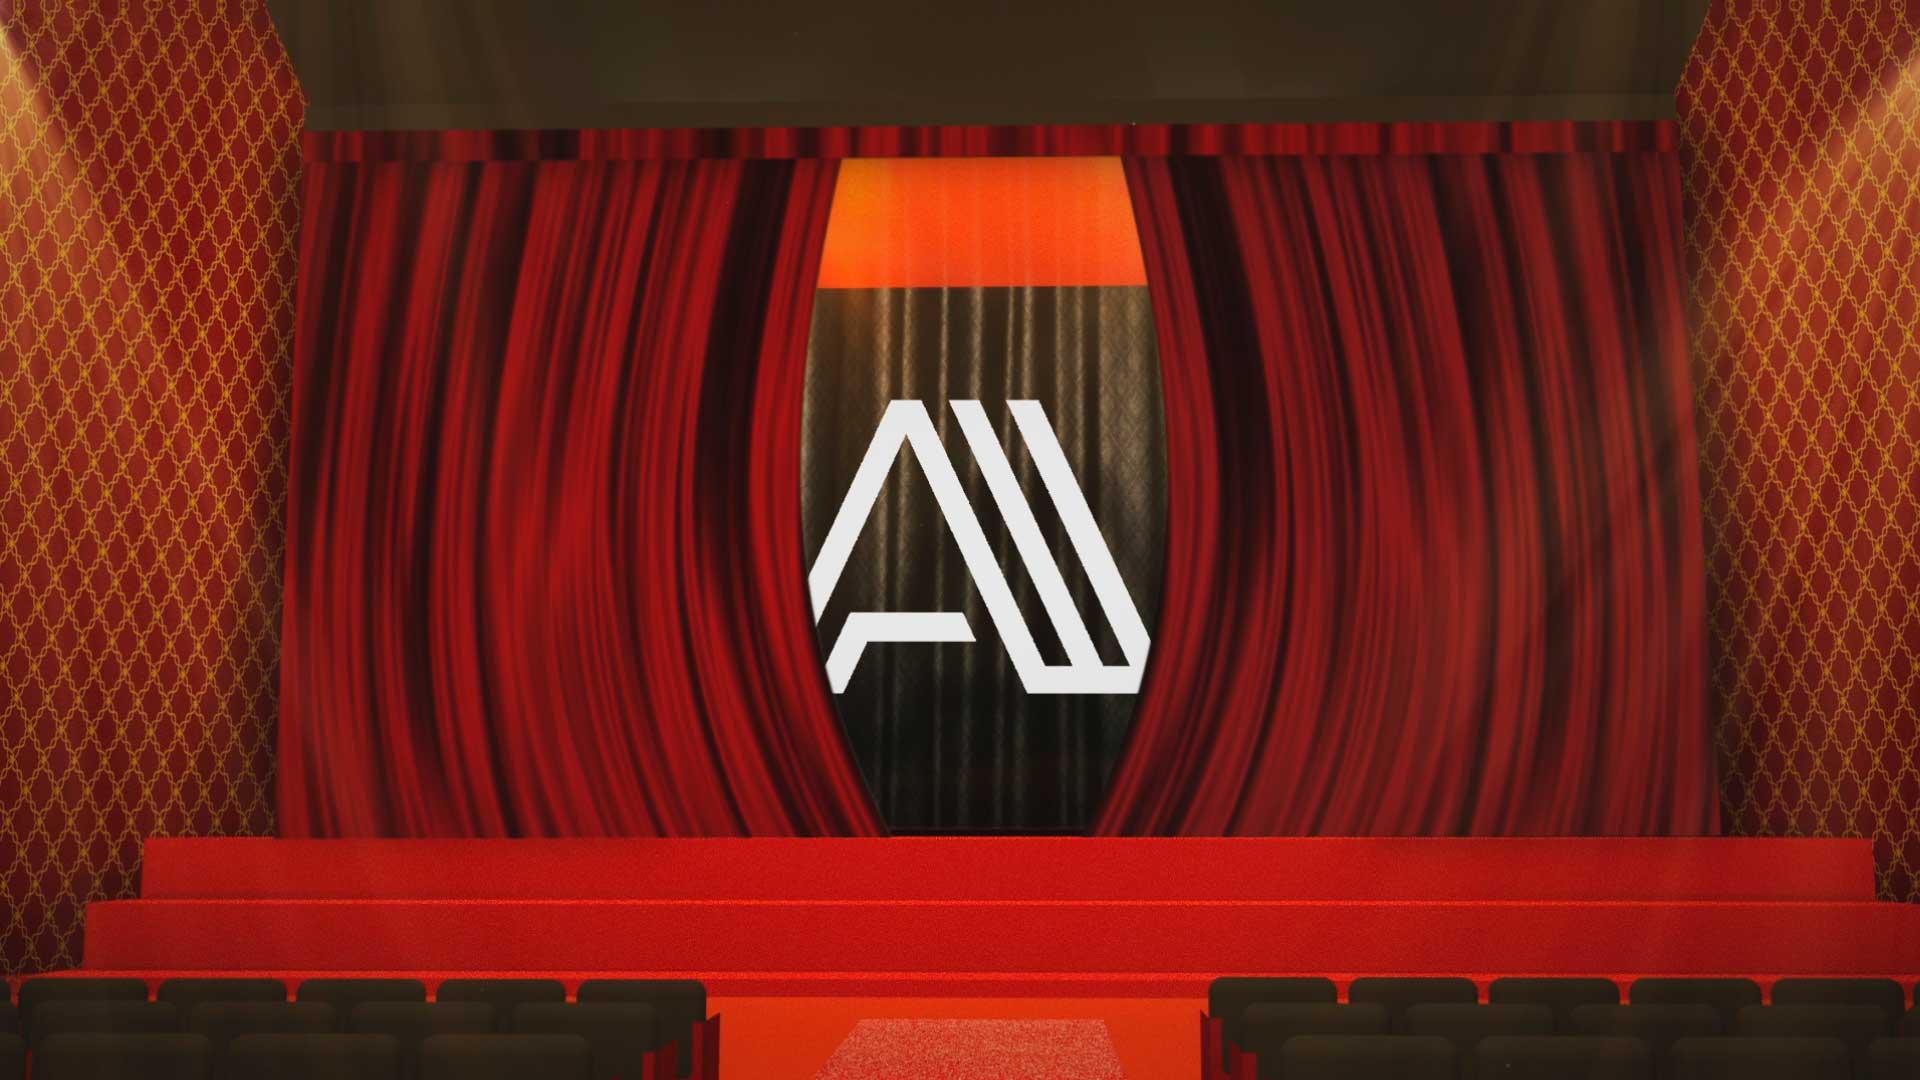 Logo-animado-Teatro-AL550-imagen-animarlogo